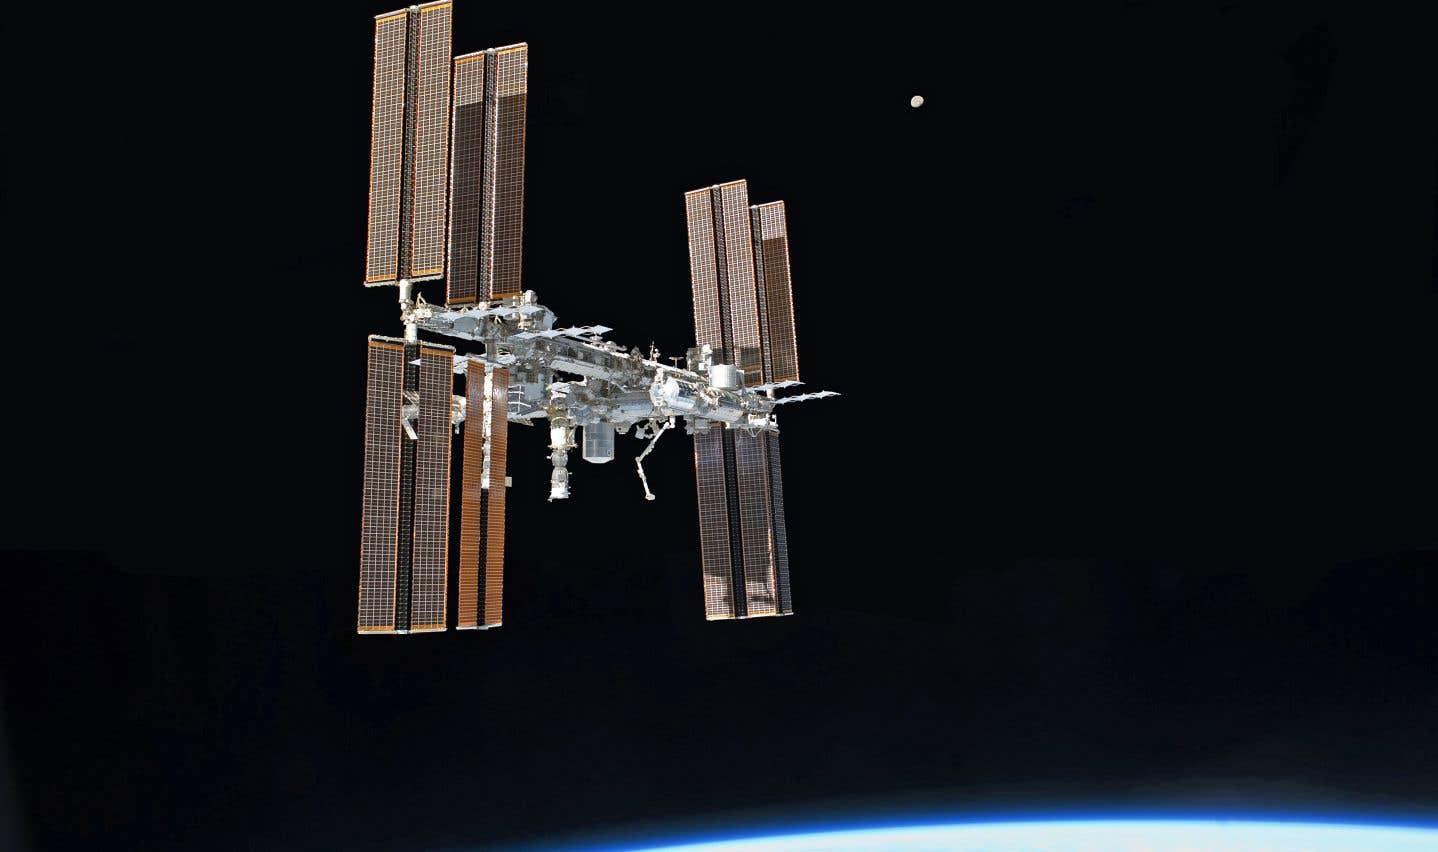 La Station spatiale internationale vue de la navette Atlantis en juillet 2011